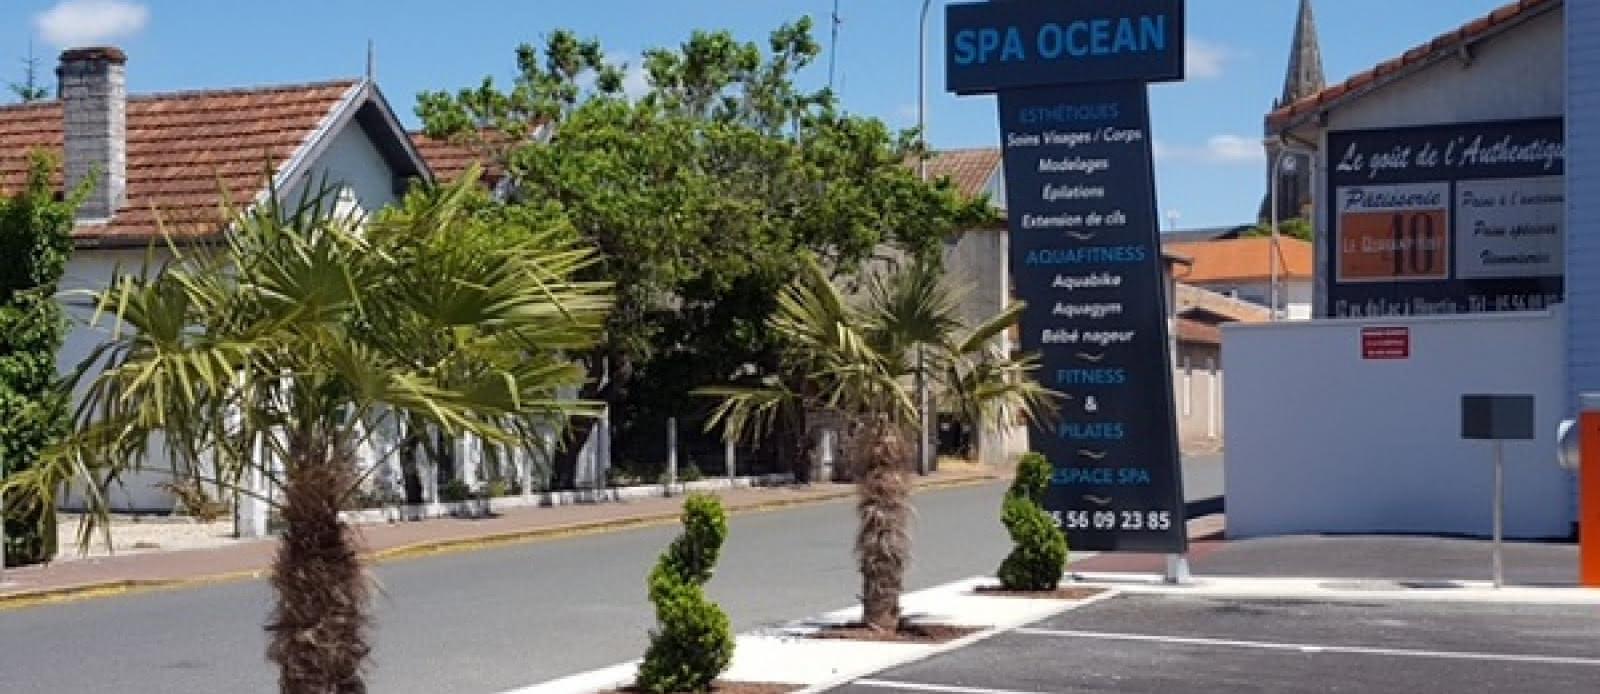 Spa Océan1